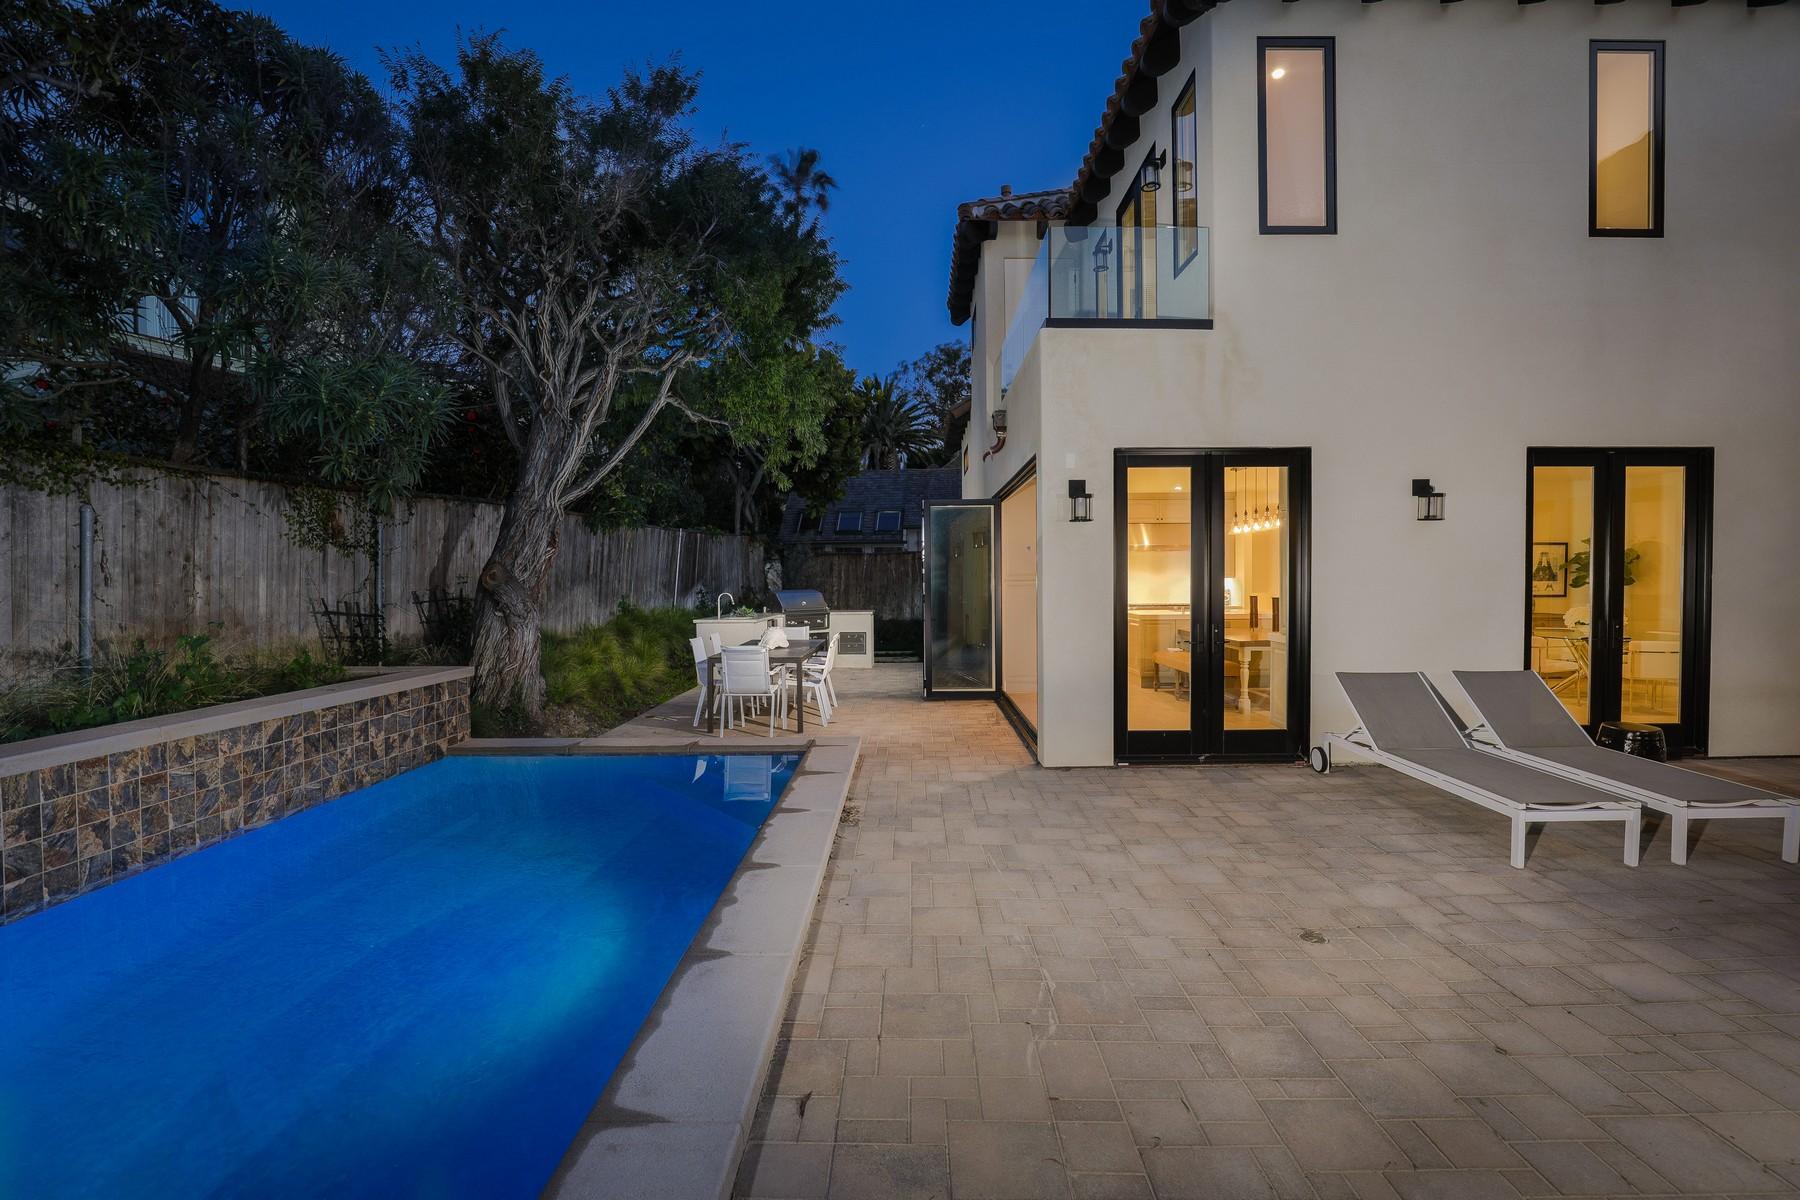 Single Family Home for Sale at 5915 Camino De La Costa La Jolla, California, 92037 United States